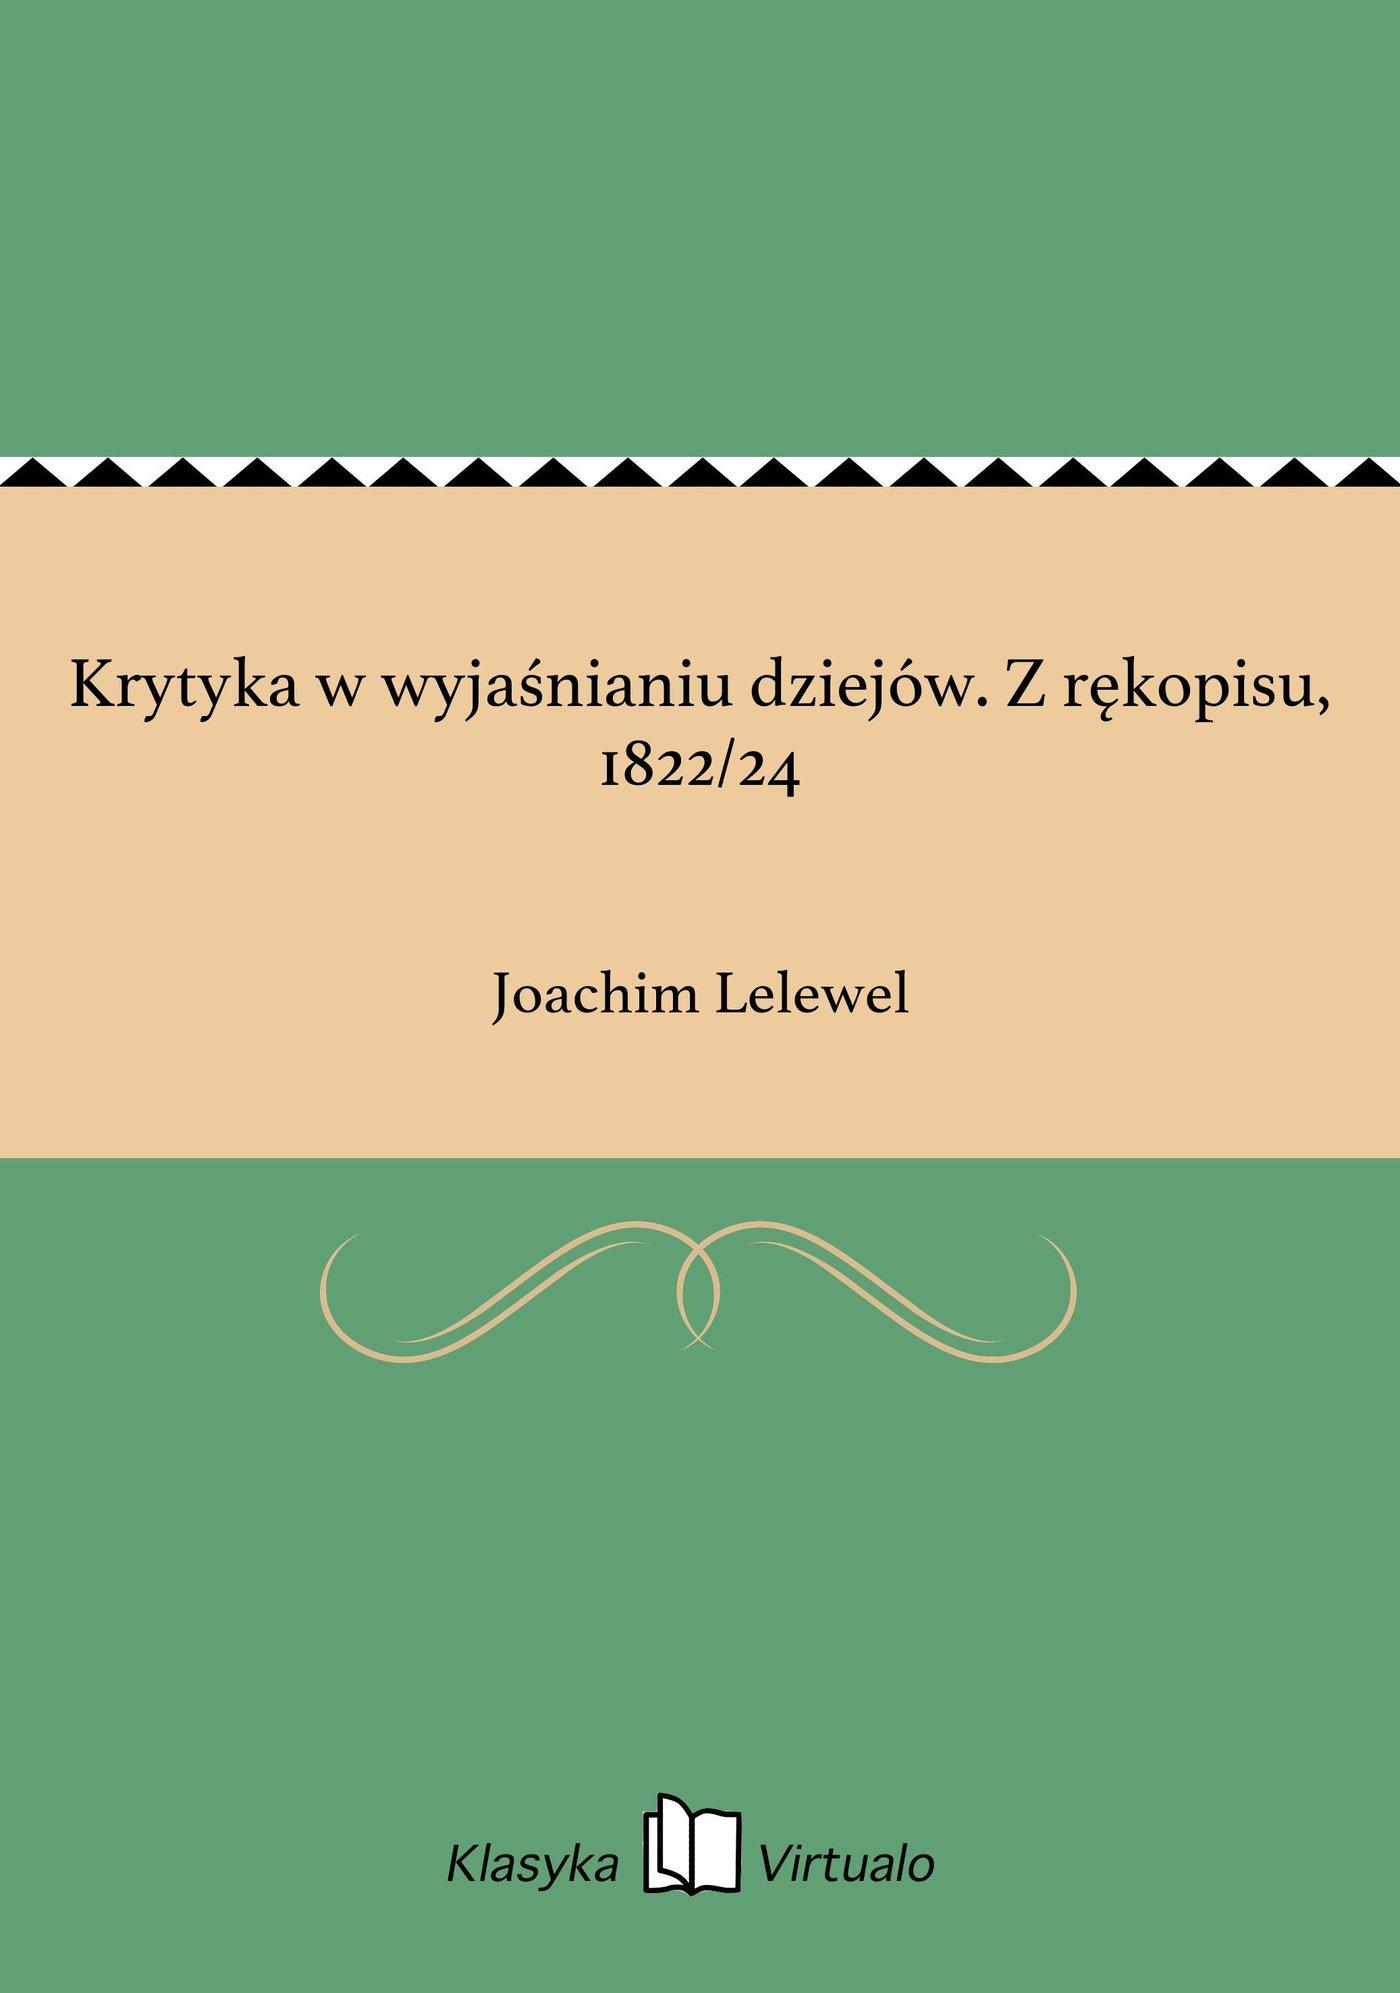 Krytyka w wyjaśnianiu dziejów. Z rękopisu, 1822/24 - Ebook (Książka na Kindle) do pobrania w formacie MOBI